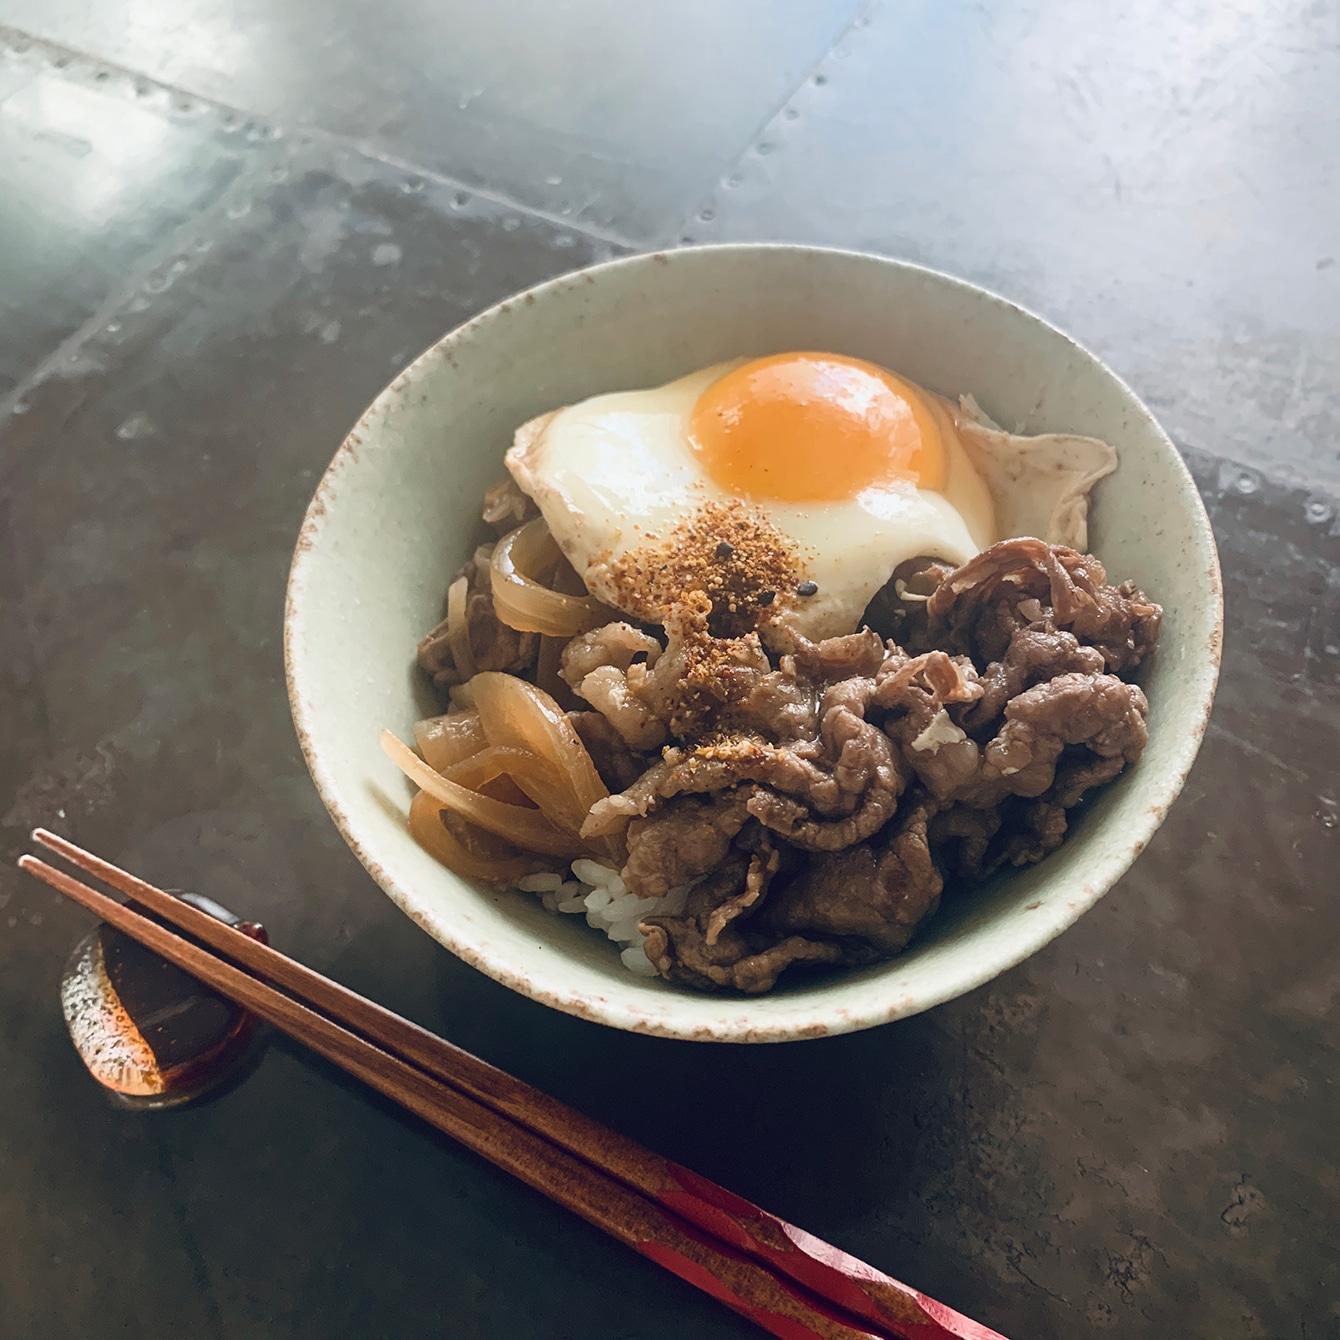 牛丼、卵とじうどん。これが私の「パワーブレックファスト」